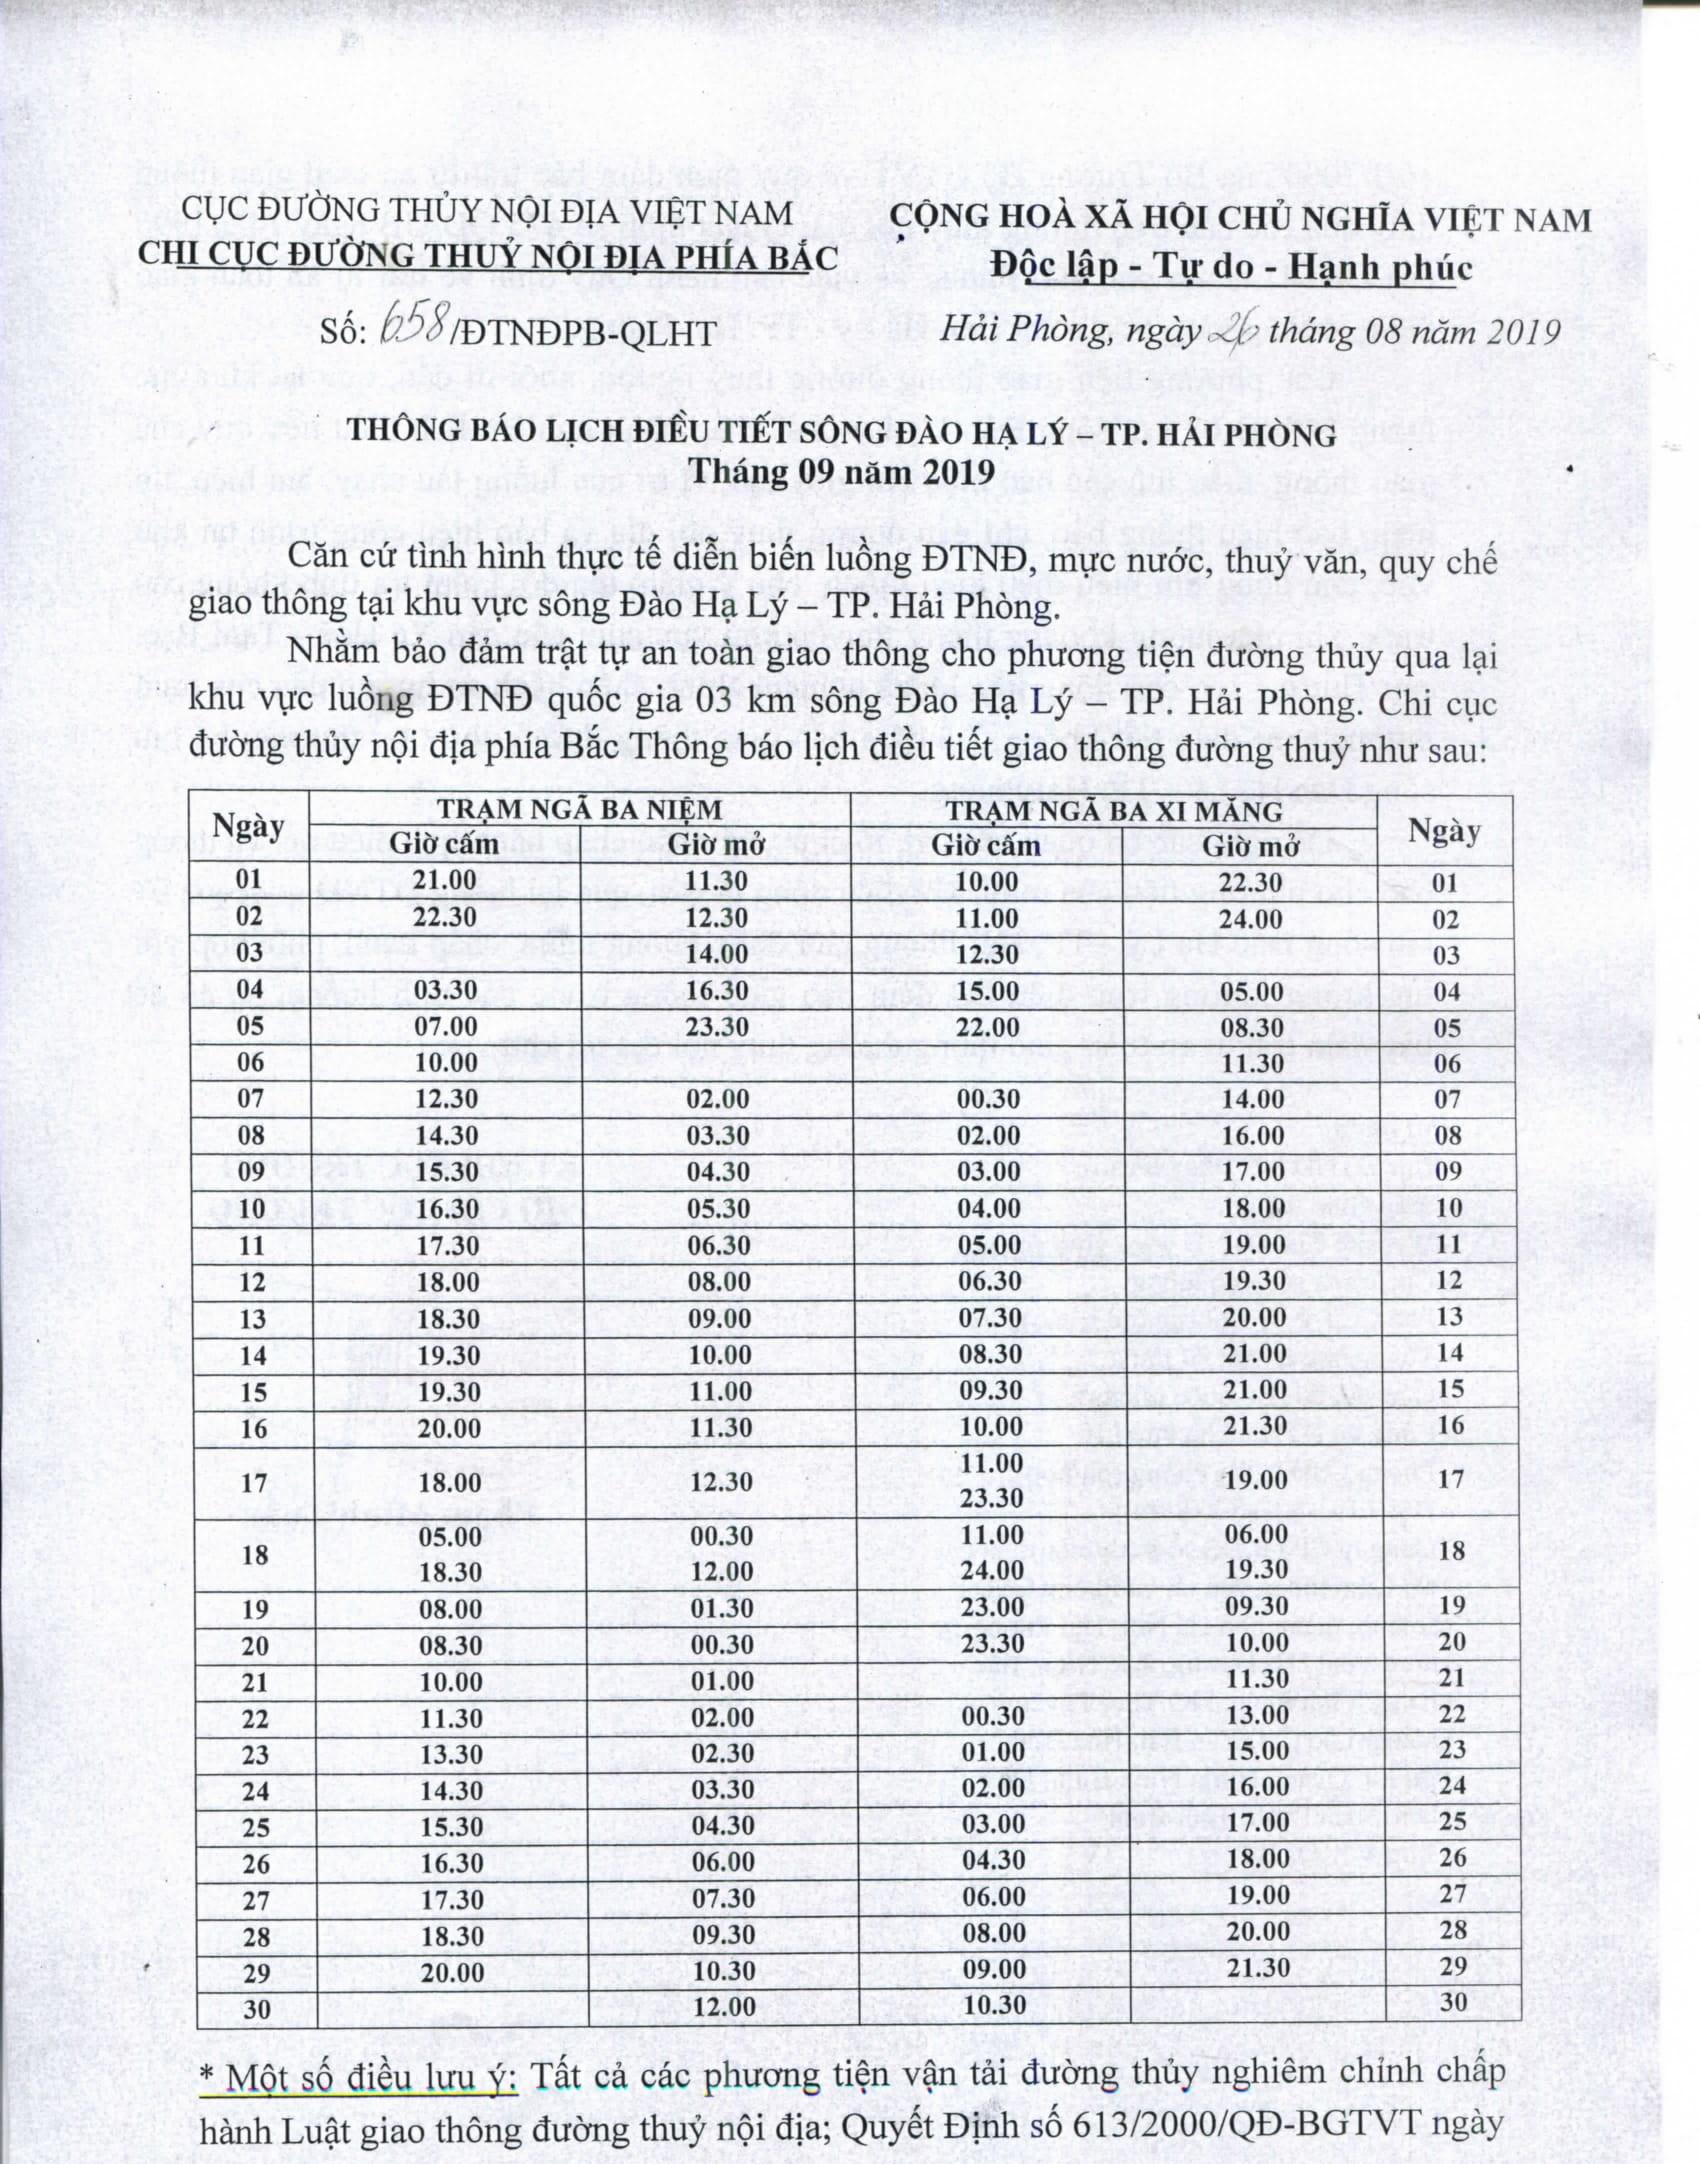 Thông báo lịch điều tiết sông Đào Hạ Lý - TP Hải Phòng tháng 09/2019